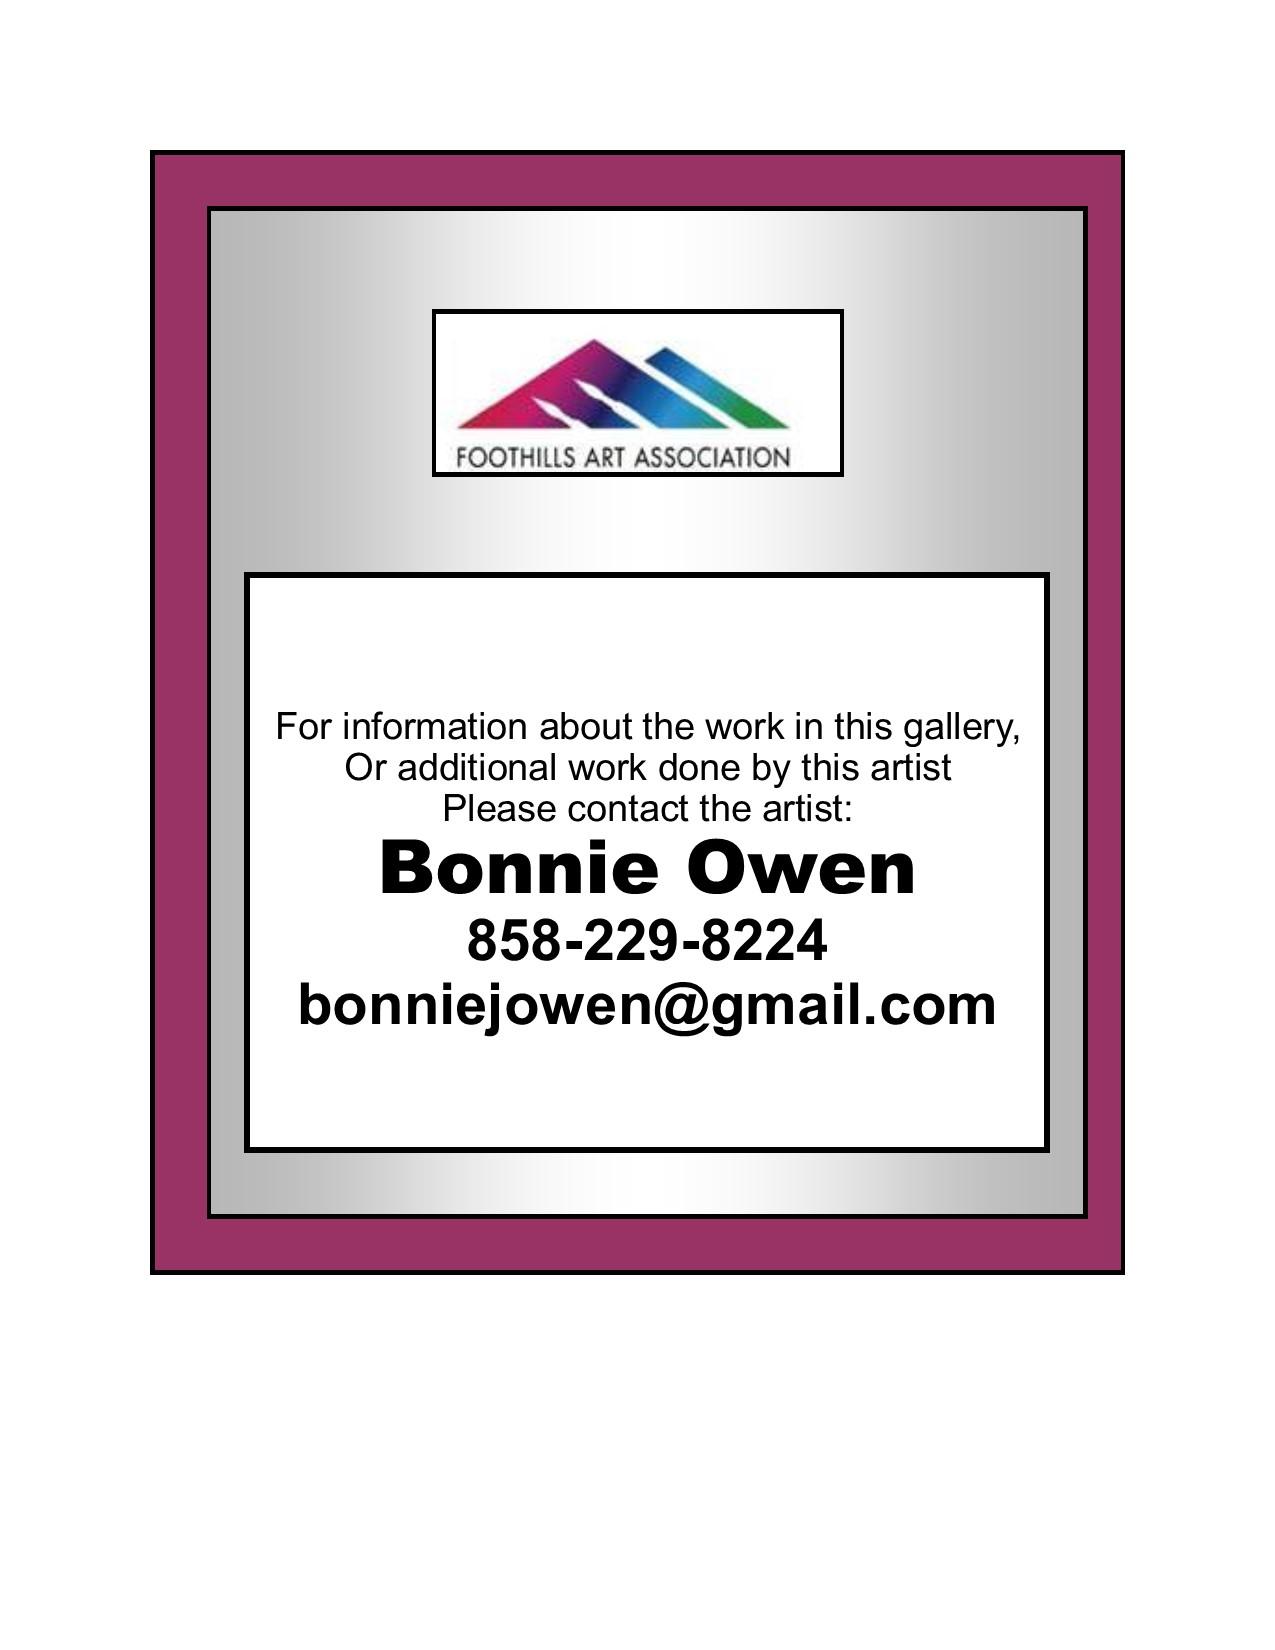 Owen - Contact Info